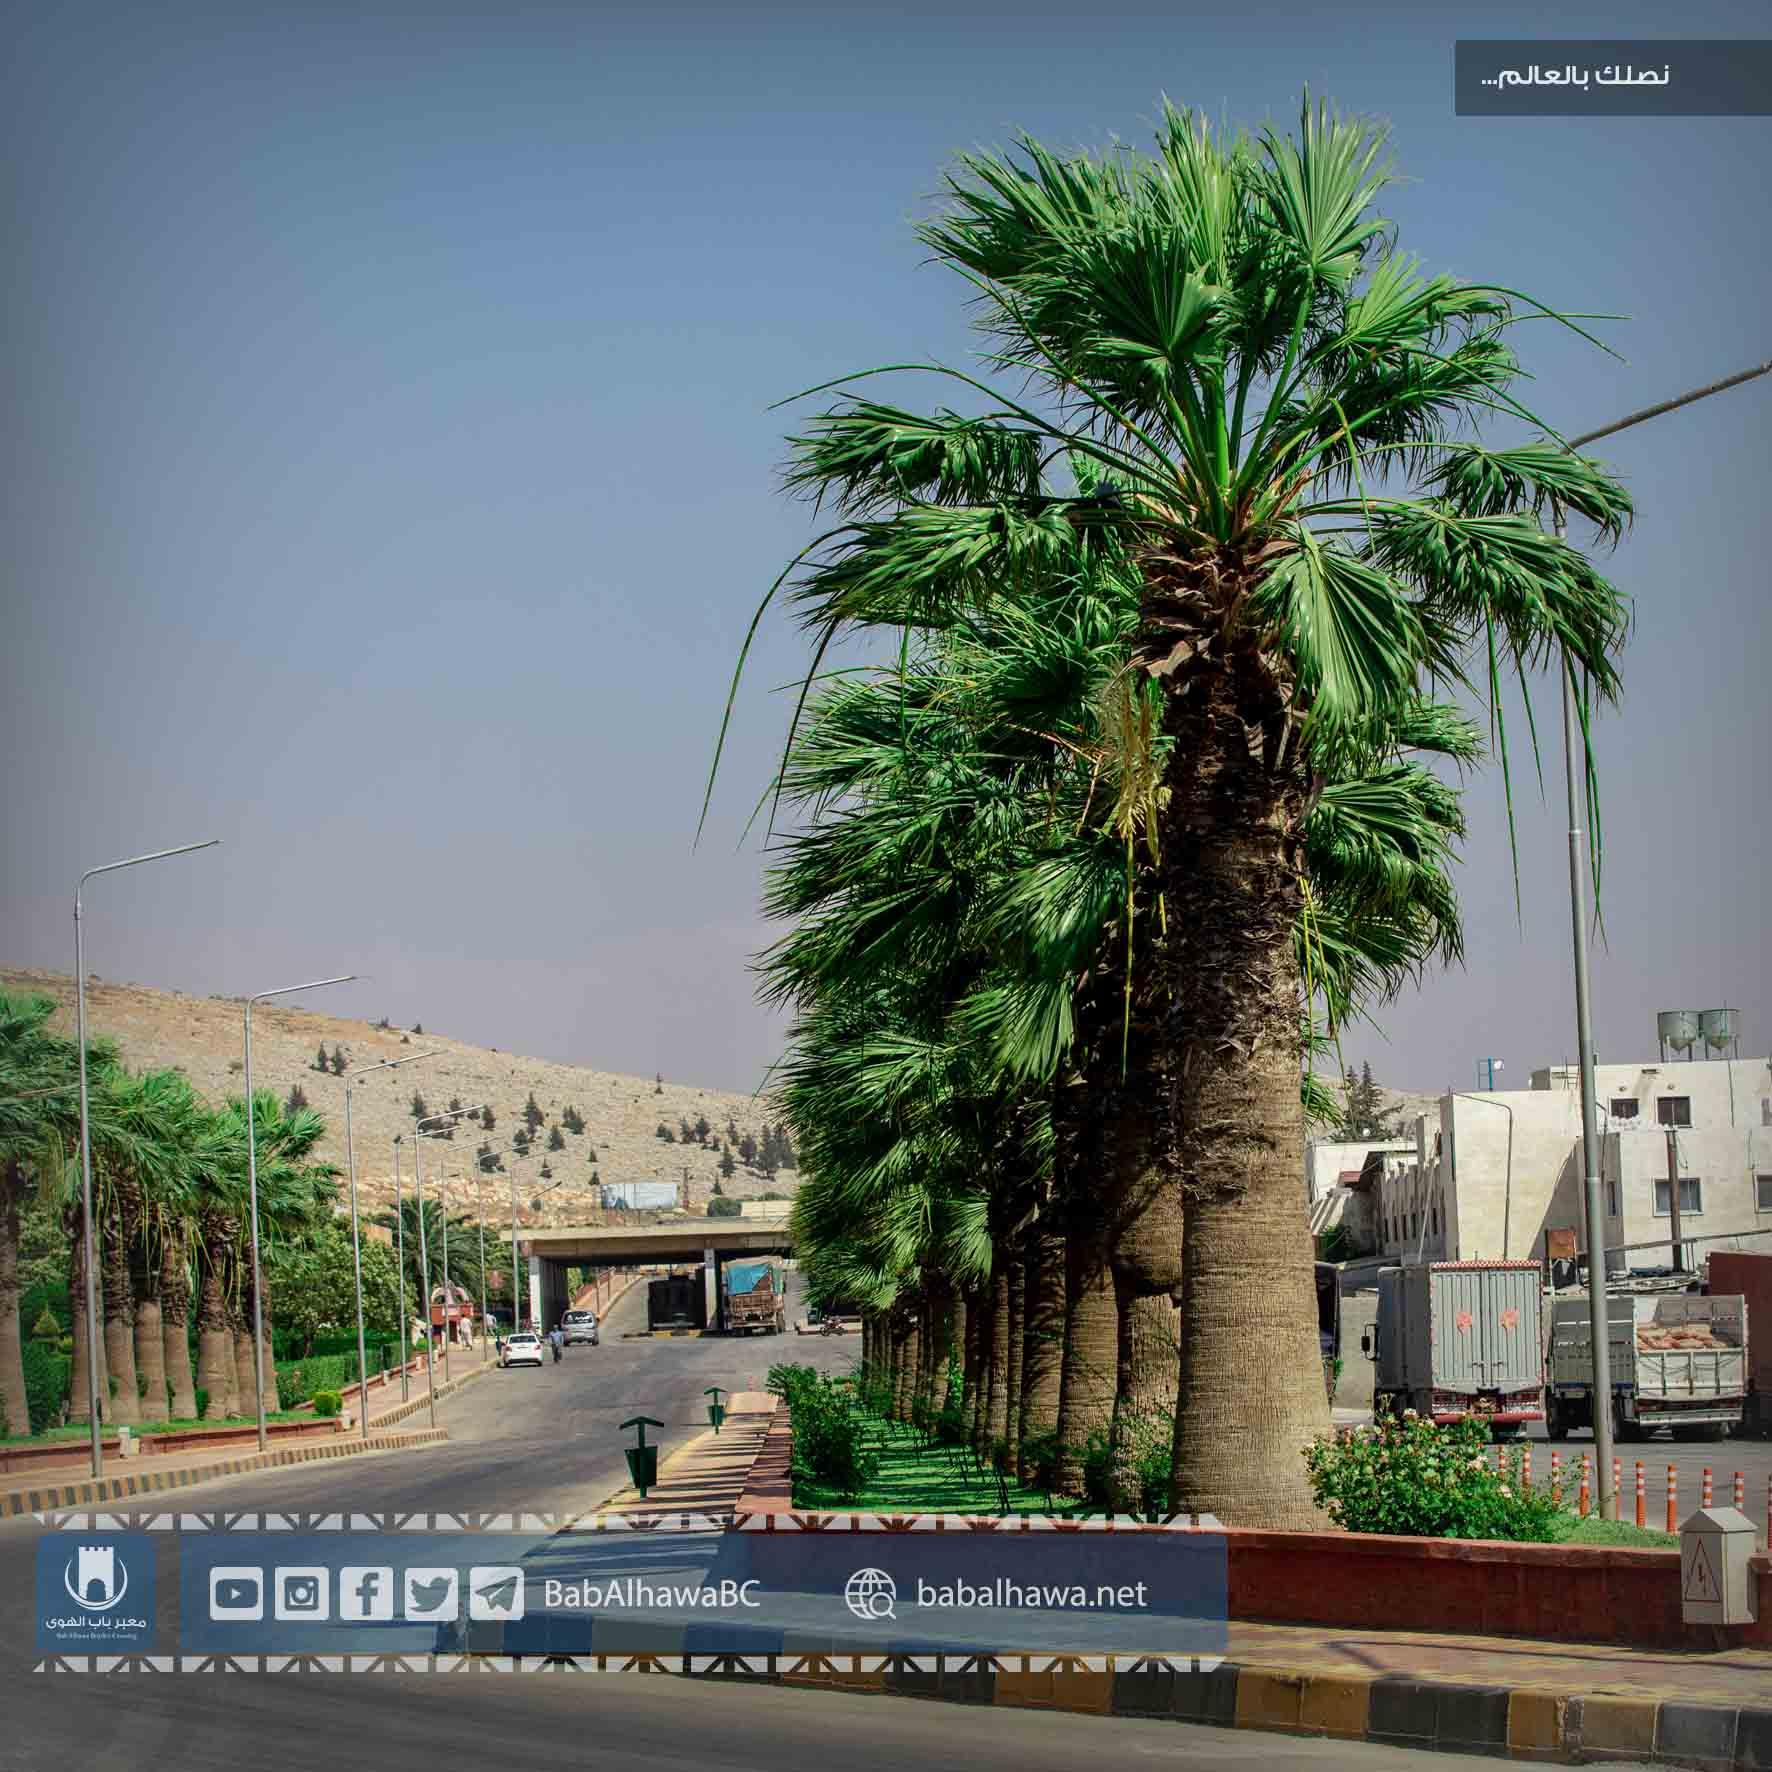 أشجار النخيل في معبر باب الهوى - سوريا